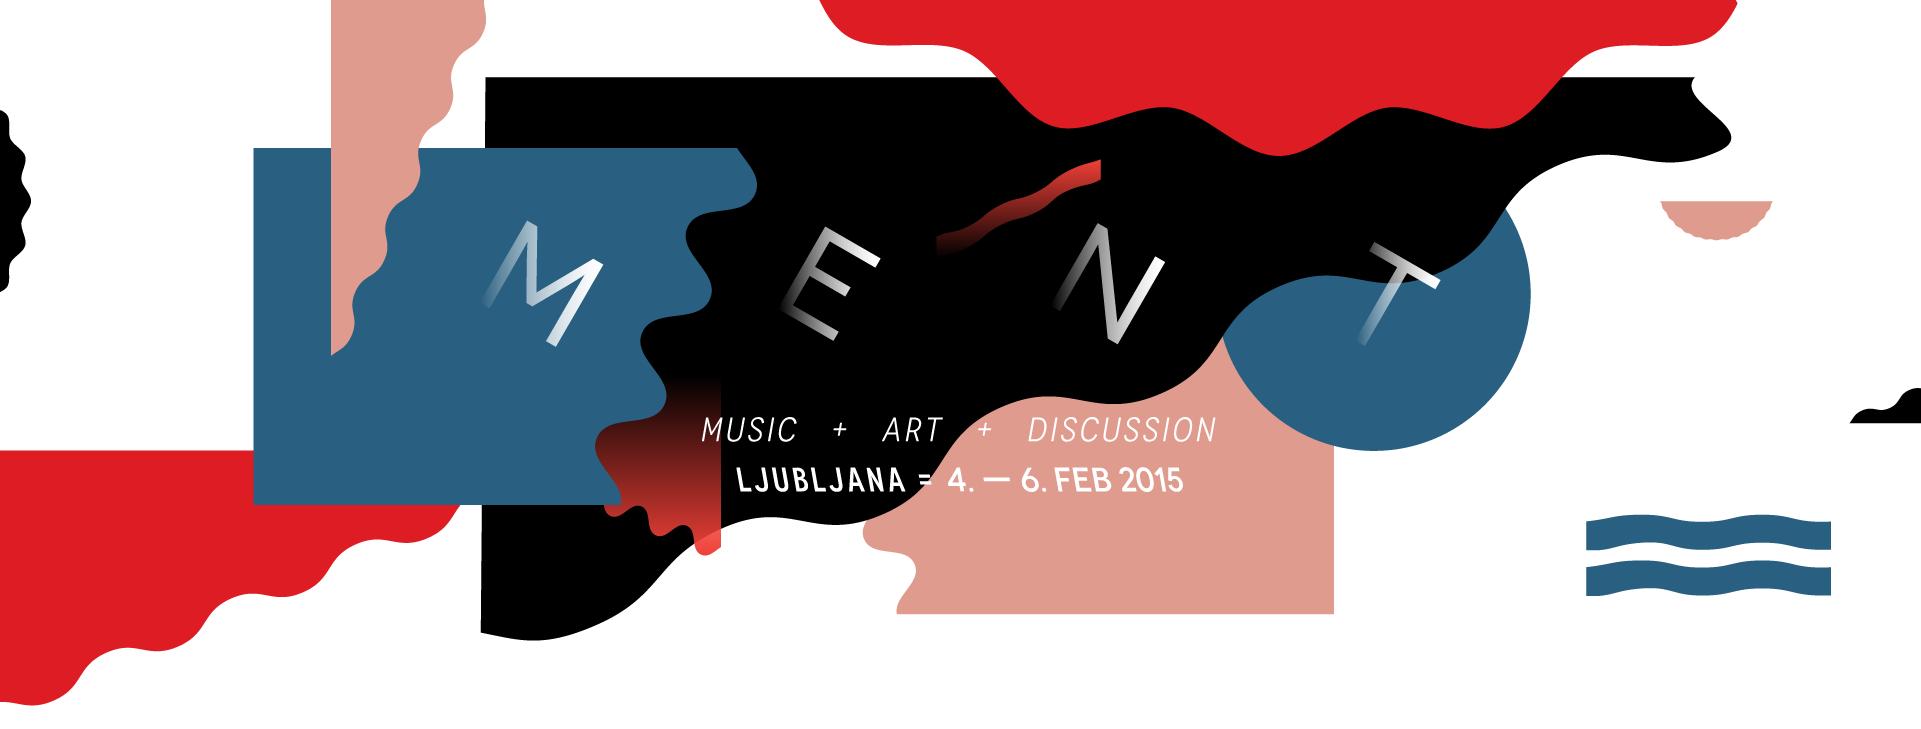 Splošen komentar festivala MENT Ljubljana